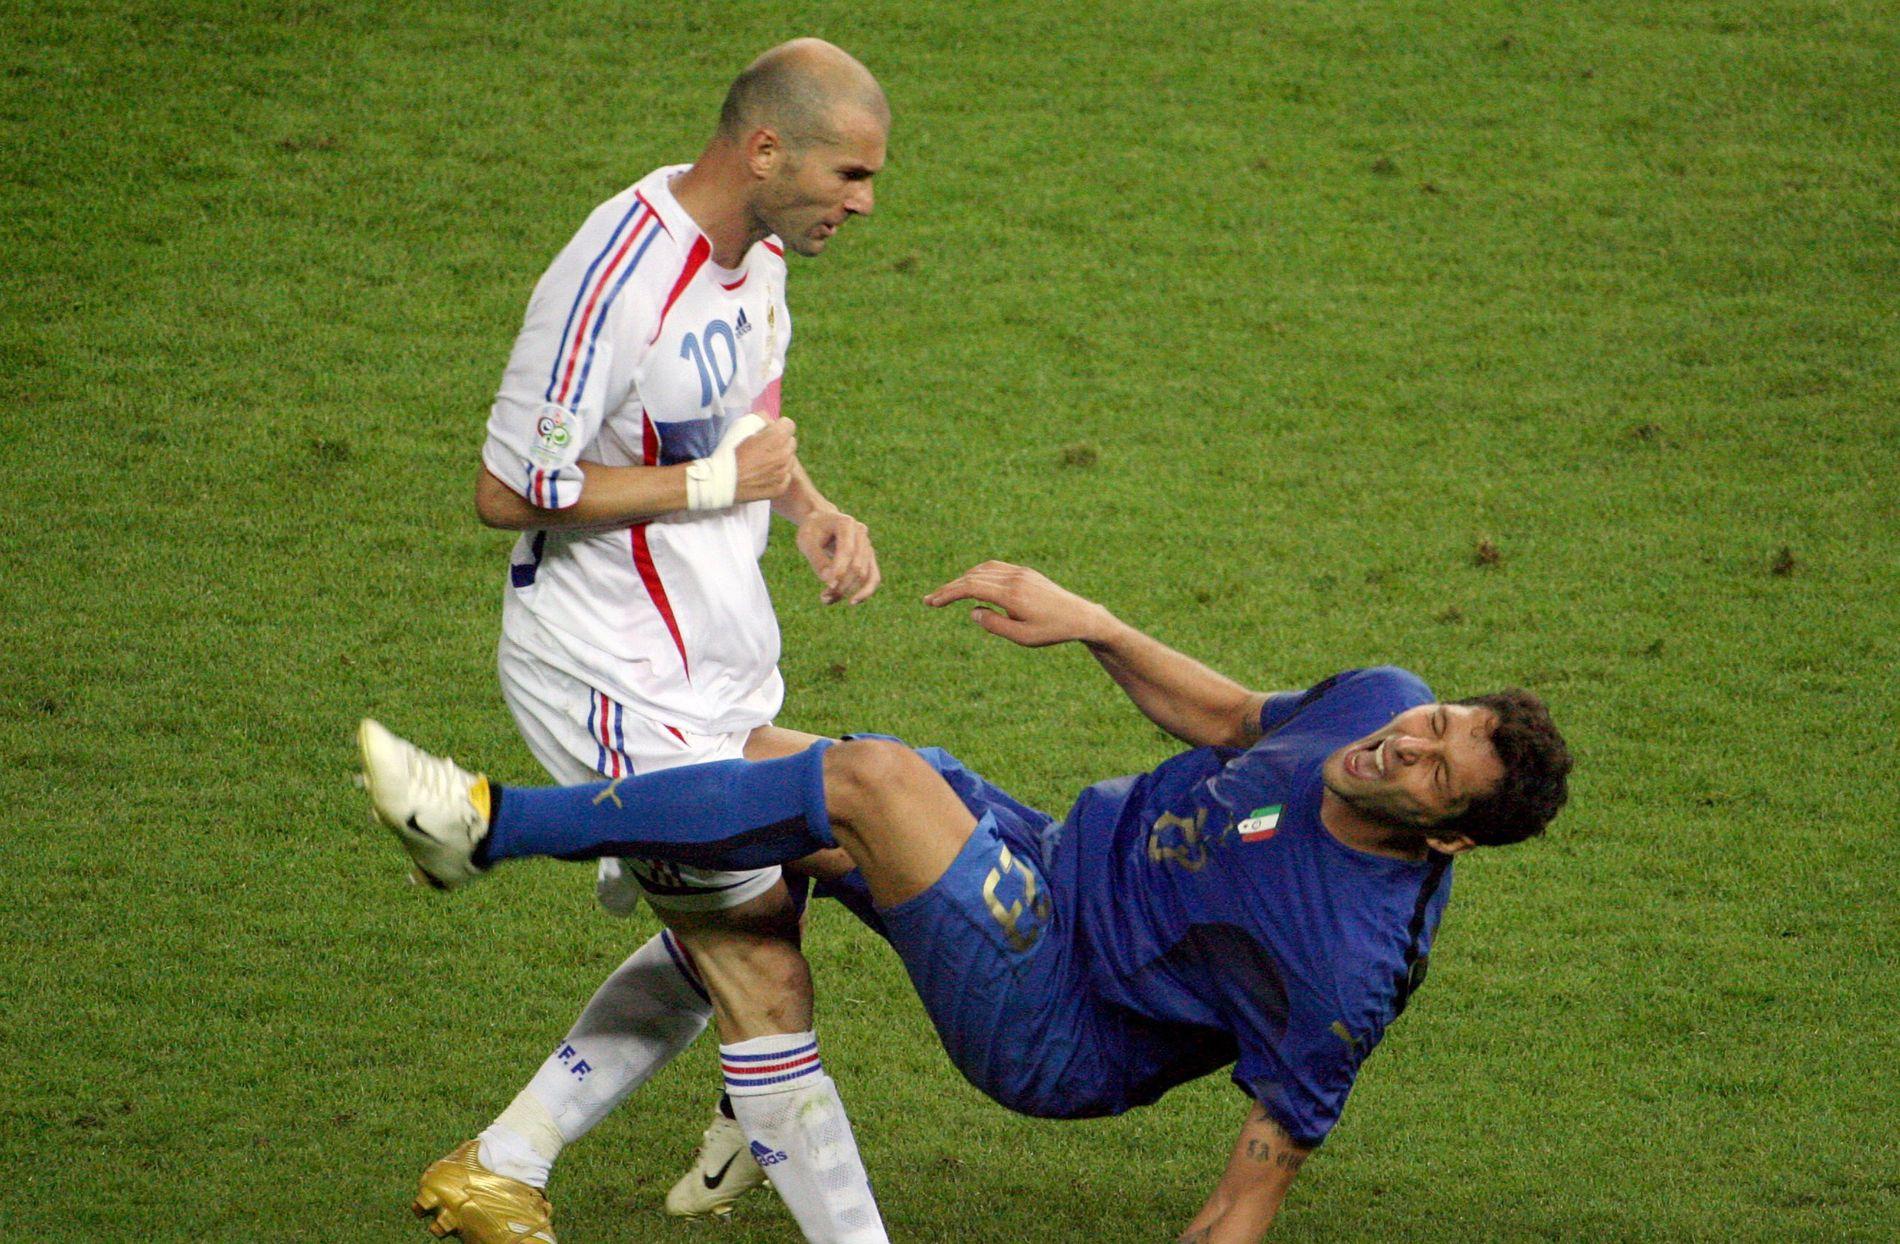 TI ÅR SIDEN: Zinédine Zidane stanger ned Marco Materazzi under VM-finalen i Berlin i 2006.